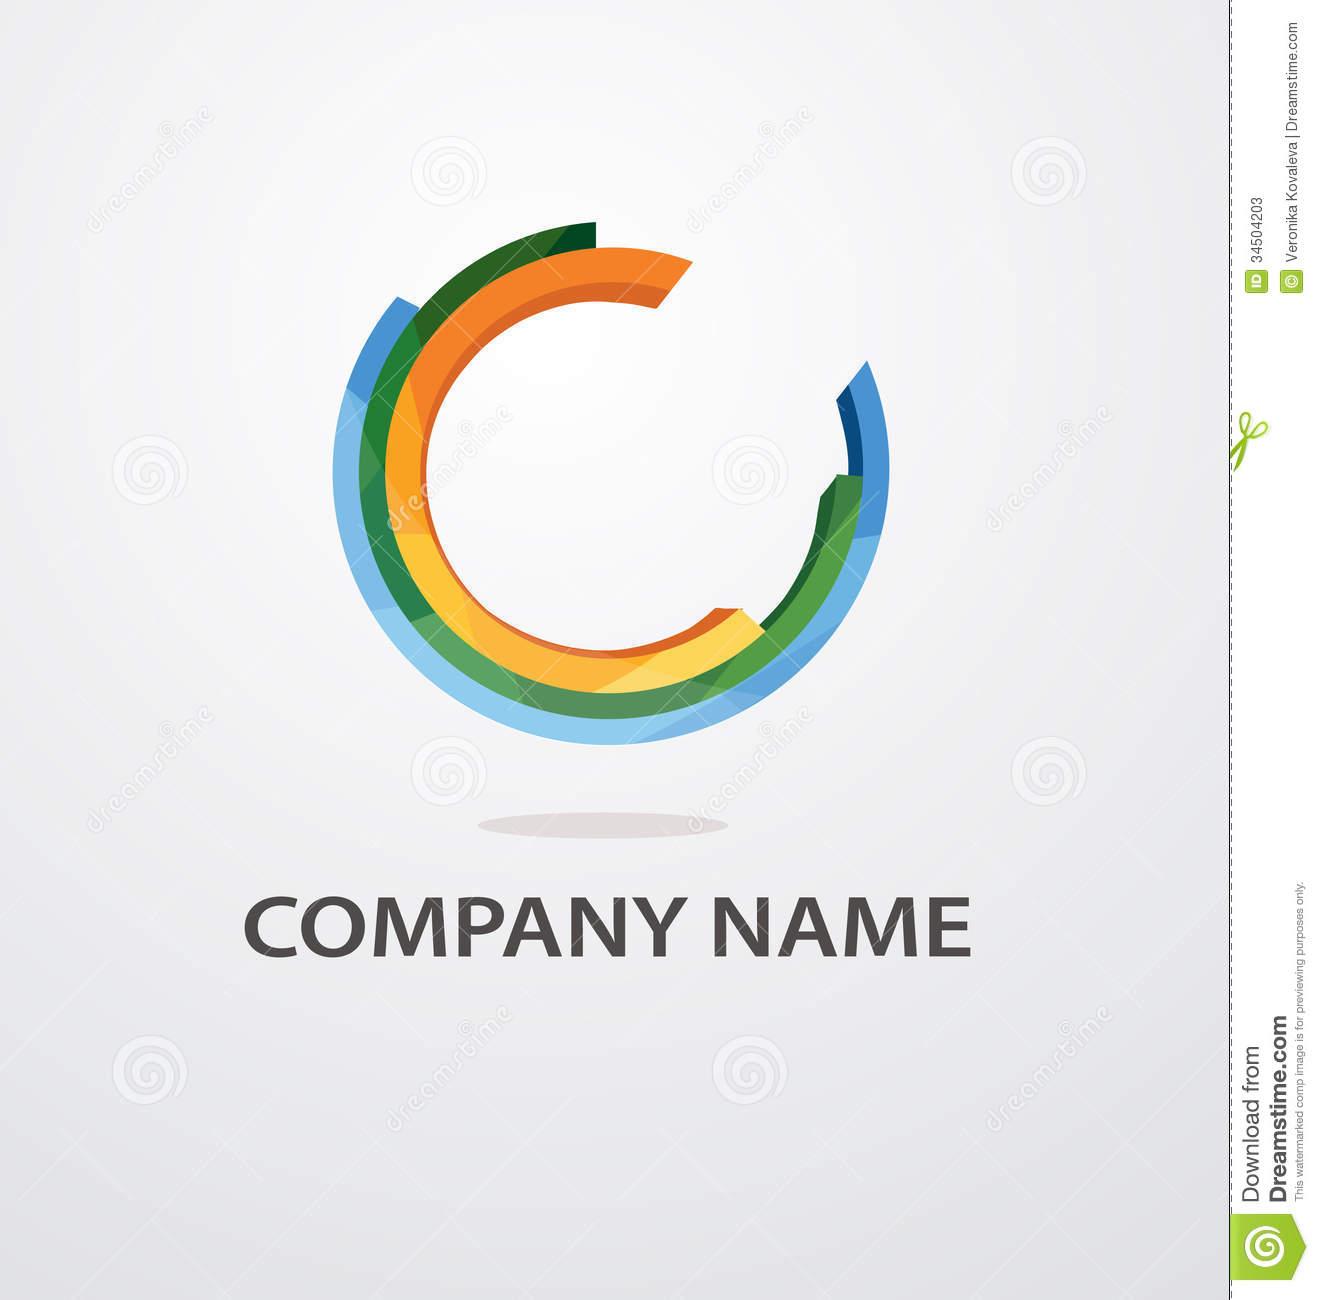 Circle S Logo Design